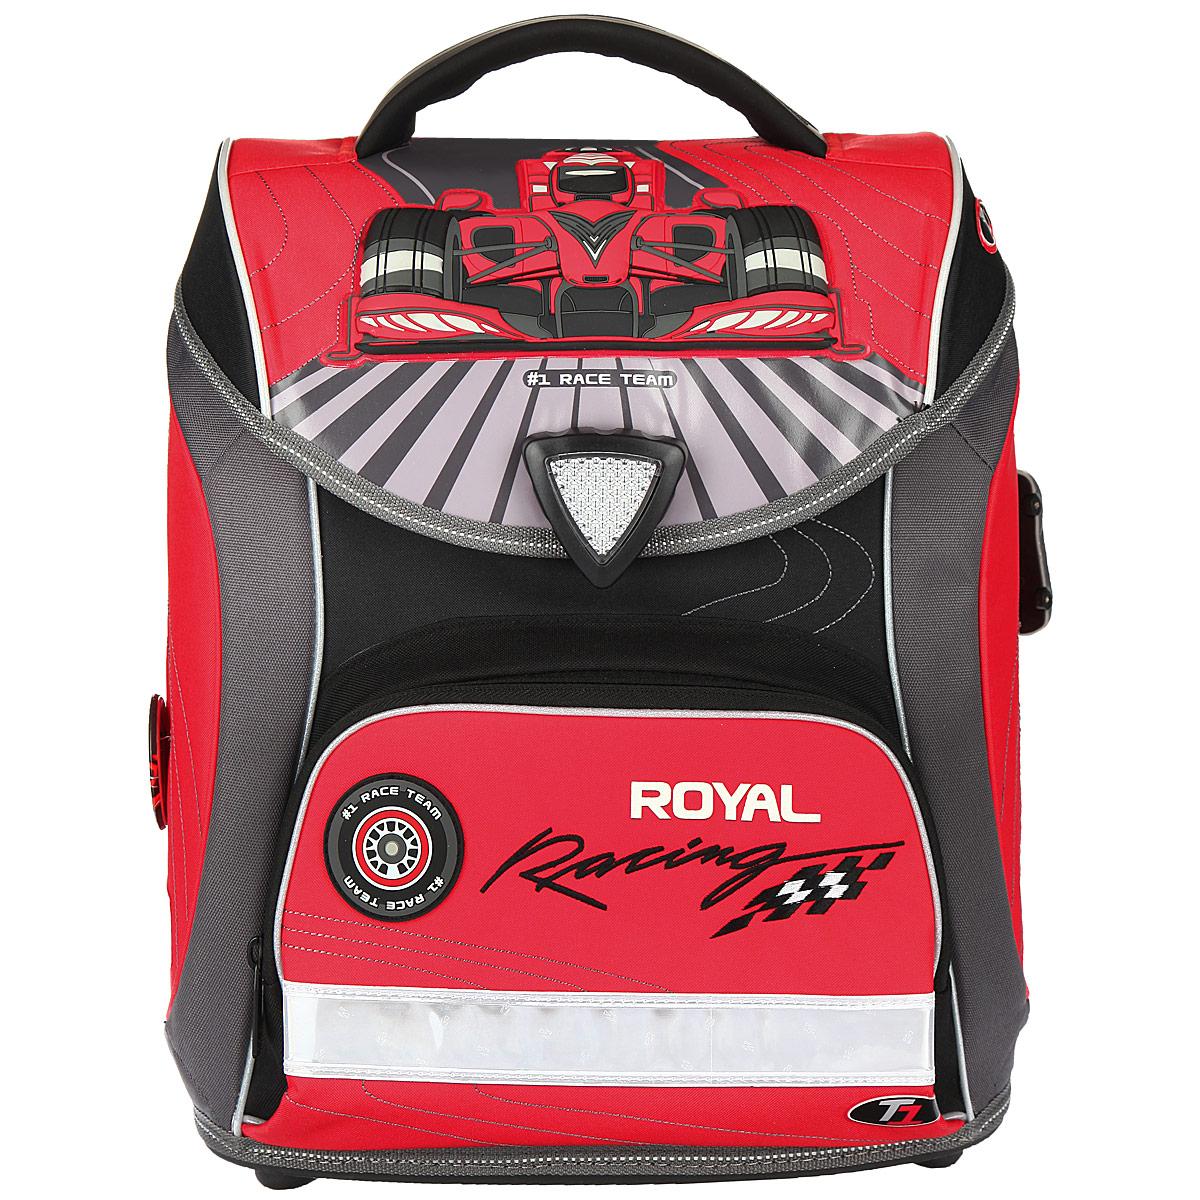 Ранец школьный Hummingbird Royal Racing, цвет: серый, красный, черный. H6TRCB-UT4-561Эргономичный школьный ранец с жесткой конструкцией Hummingbird Royal Racing выполнен из современного пористого EVA материала, отличающегося легкостью и долговечностью. Изделие оформлено изображением робота и дополнительно оформлено брелоком в форме машинки.Ранец имеет одно основное отделение, закрывающееся на магнитный замок-вертушку. Внутри главного отделения расположены: нашитый карман на молнии, два накладных кармана-разделителя с жесткими стенками. На лицевой стороне ранца расположен накладной карман на молнии. По бокам рюкзака расположены два вшитых кармана на молниях.Спинка ранца Ergo System со специальной дышащей системой дарит комфорт и способствует улучшению осанки ребенка.Ранец оснащен эргономичной ручкой для переноски, двумя широкими лямками, регулируемой длины, и петлей для подвешивания. Дно изготовлено из прочного пластика.Многофункциональный школьный ранец Hummingbird Royal Racing станет незаменимым спутником вашего ребенка в походах за знаниями.